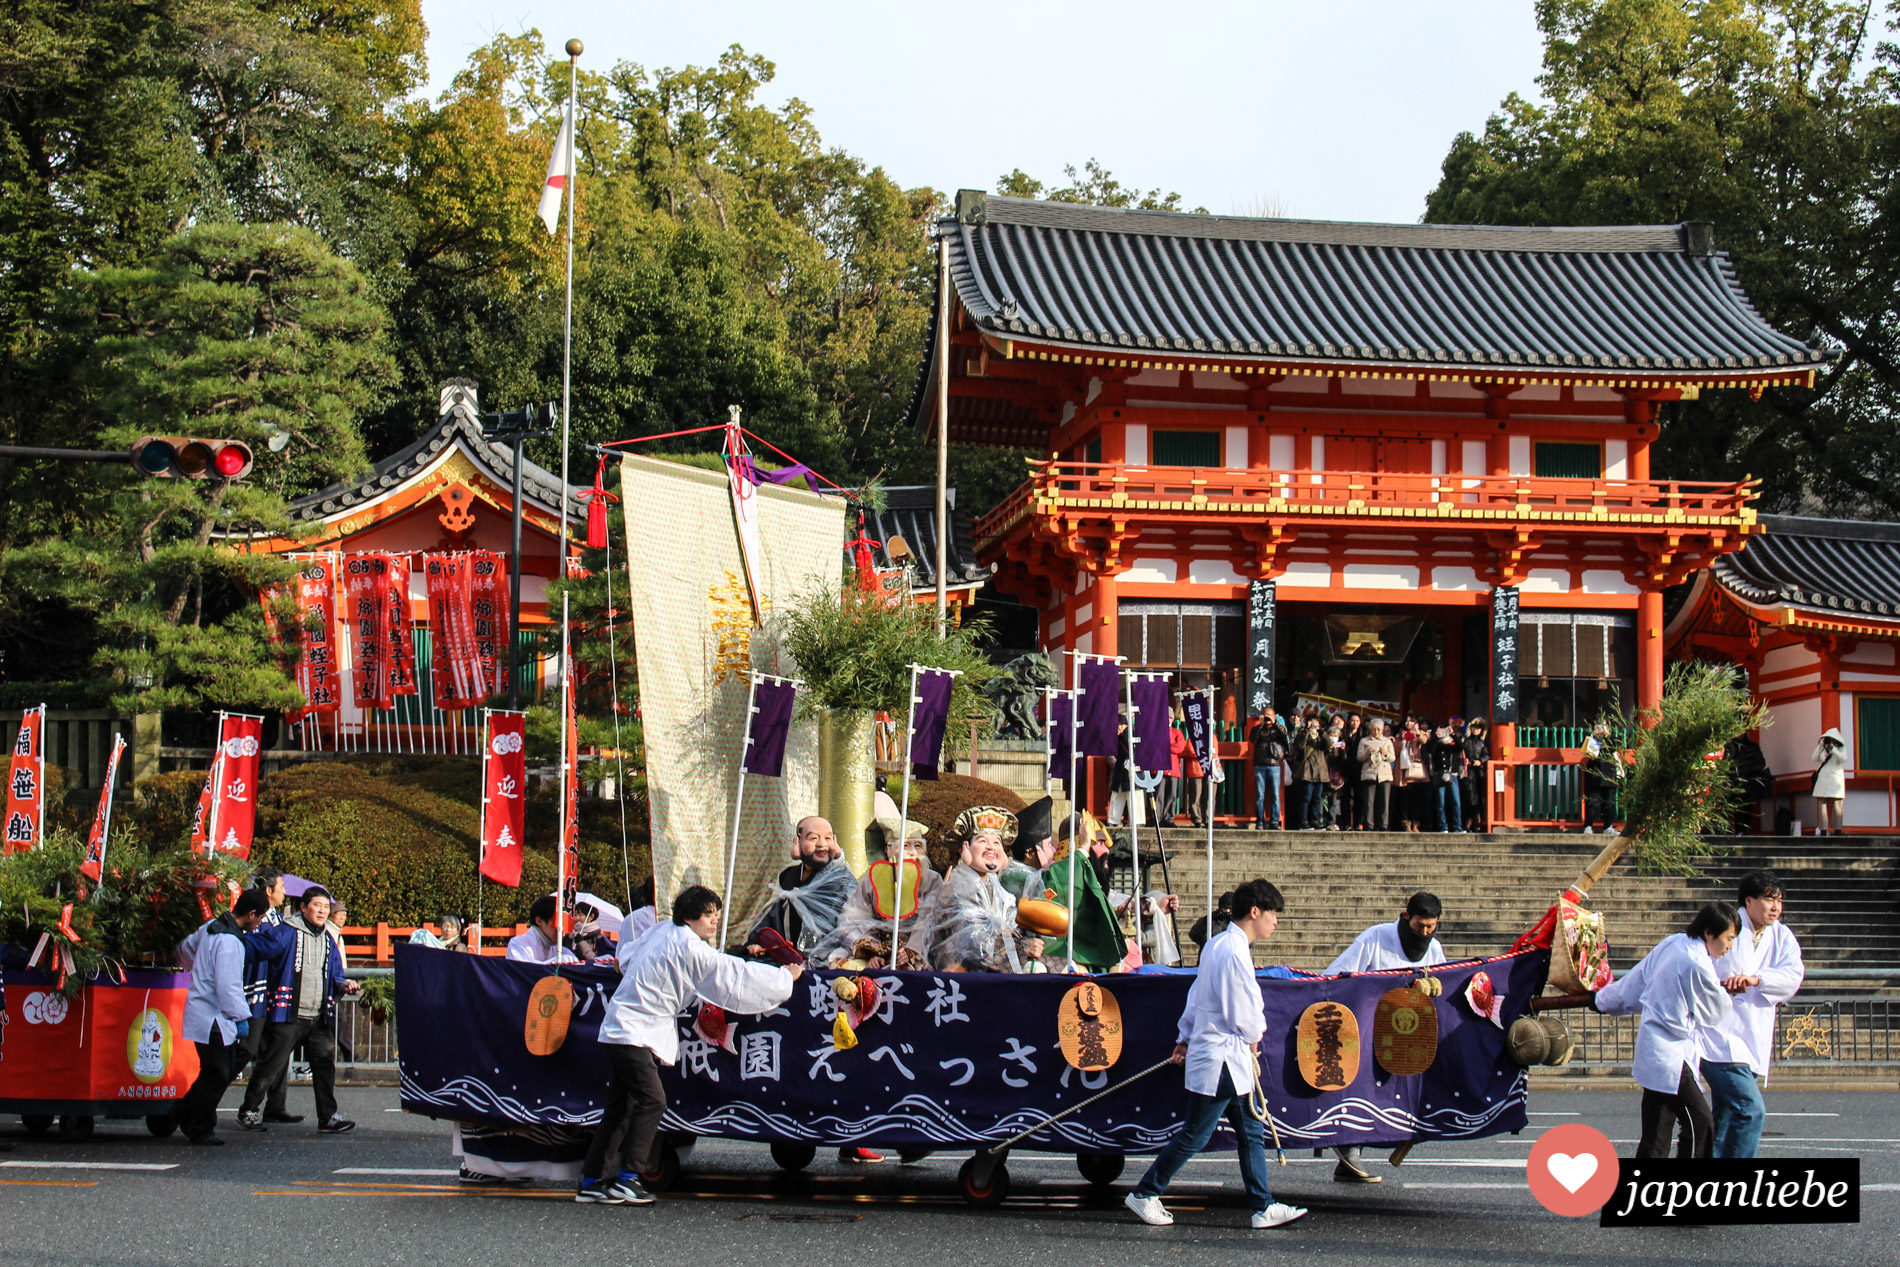 Bei einem Matsuri in Kyoto werden die sieben Glücksgötter in einem Schiff durch die Stadt gezogen.